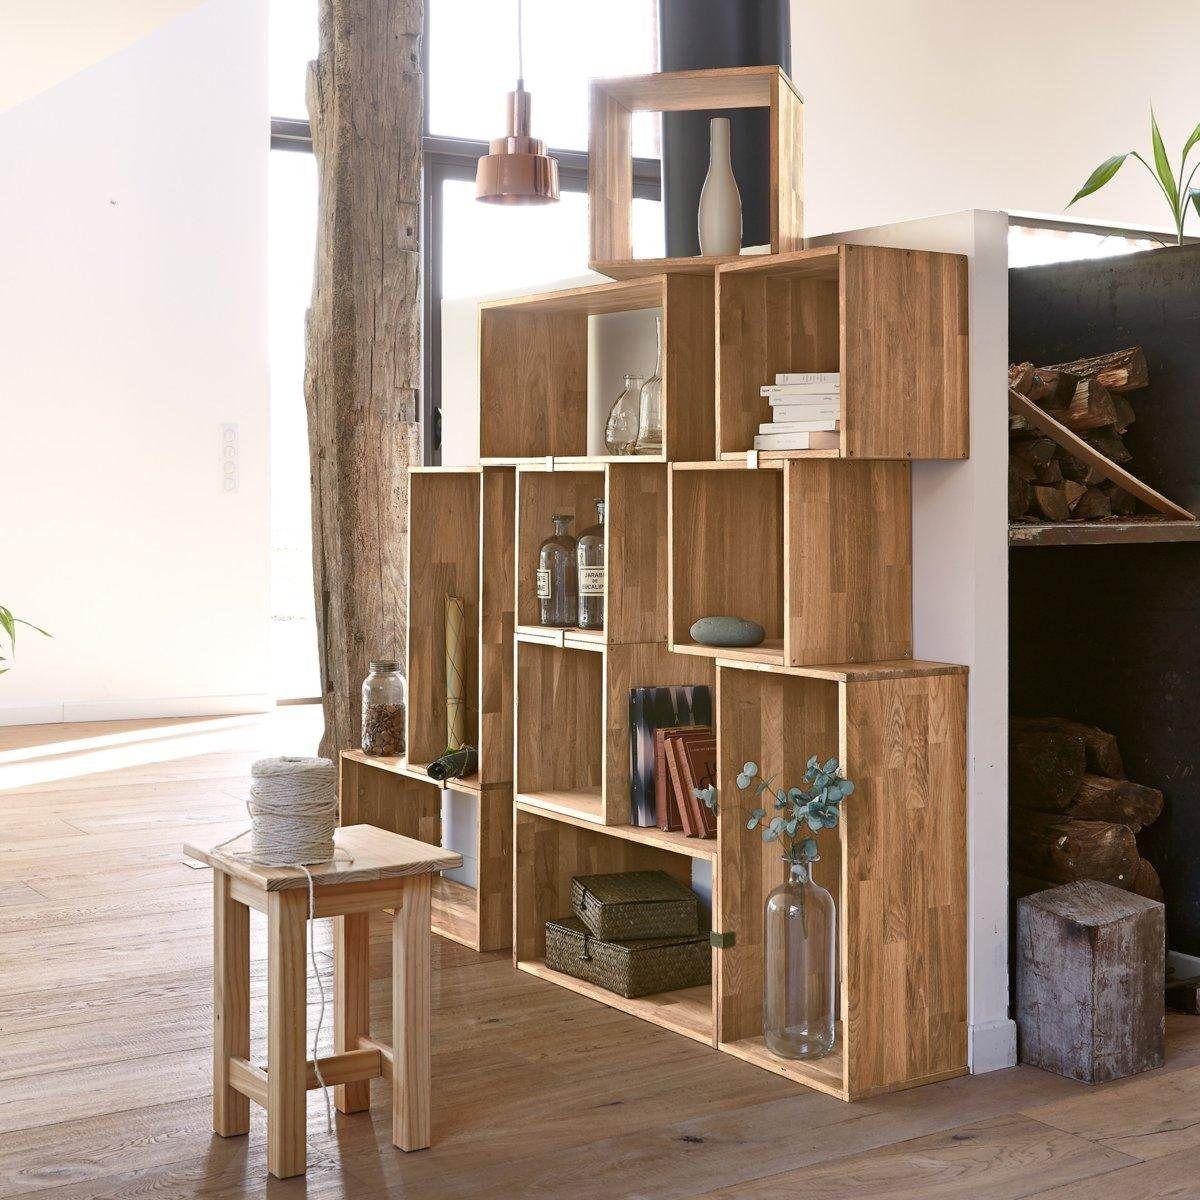 Pingl par elle sur libraries mobilier de salon deco et maison for Mobilier decoration maison